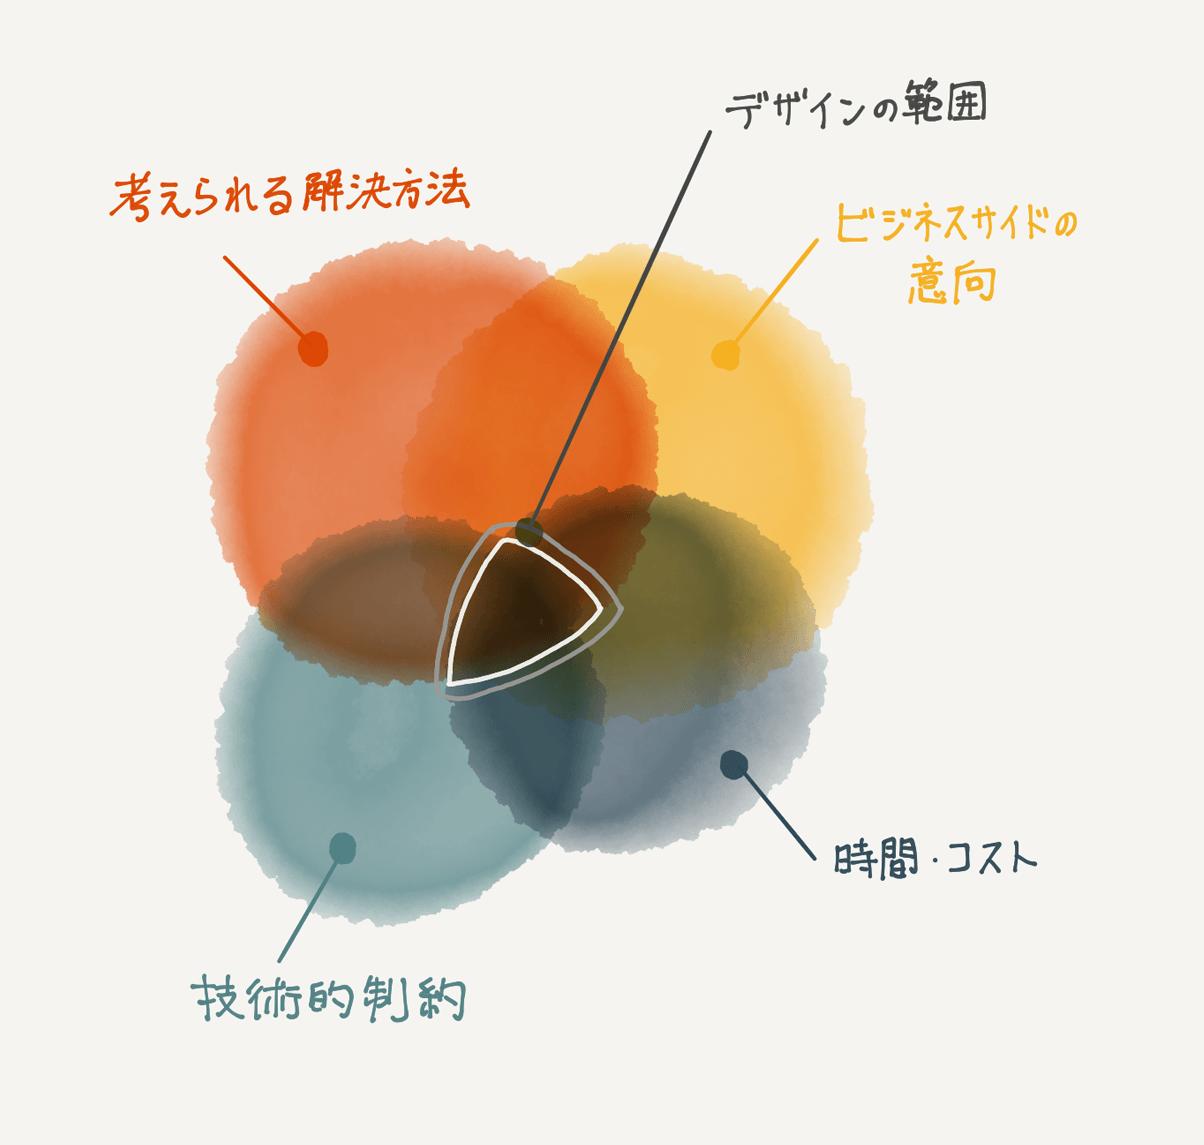 デザインにある様々な制約